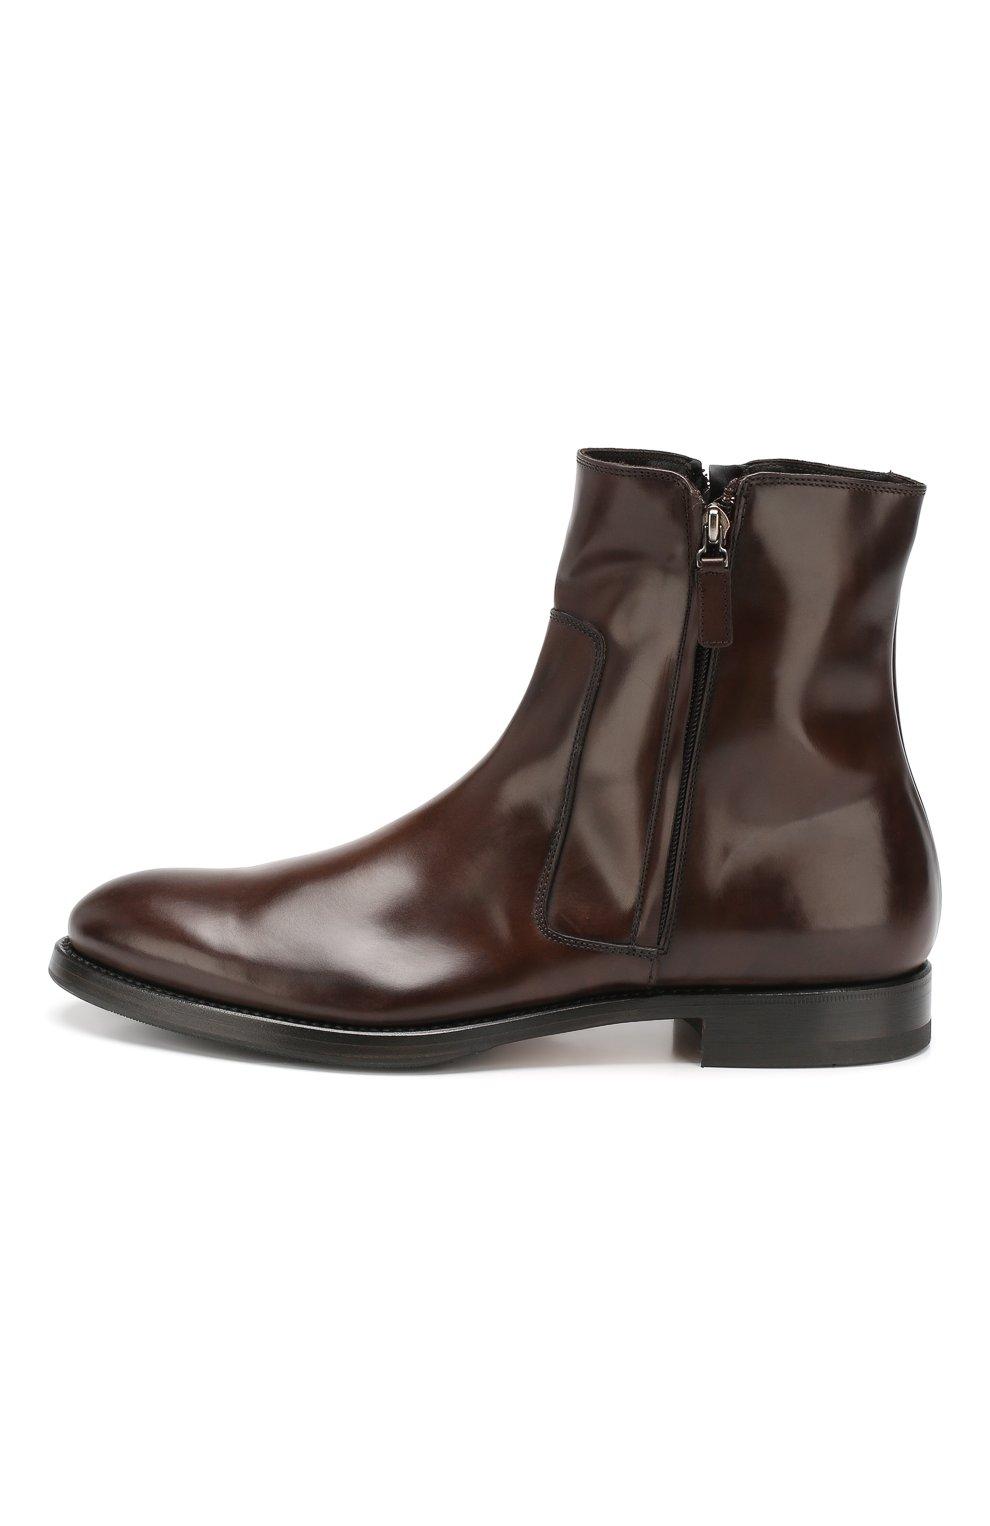 Мужские кожаные сапоги W.GIBBS темно-коричневого цвета, арт. 8378133/0238 | Фото 3